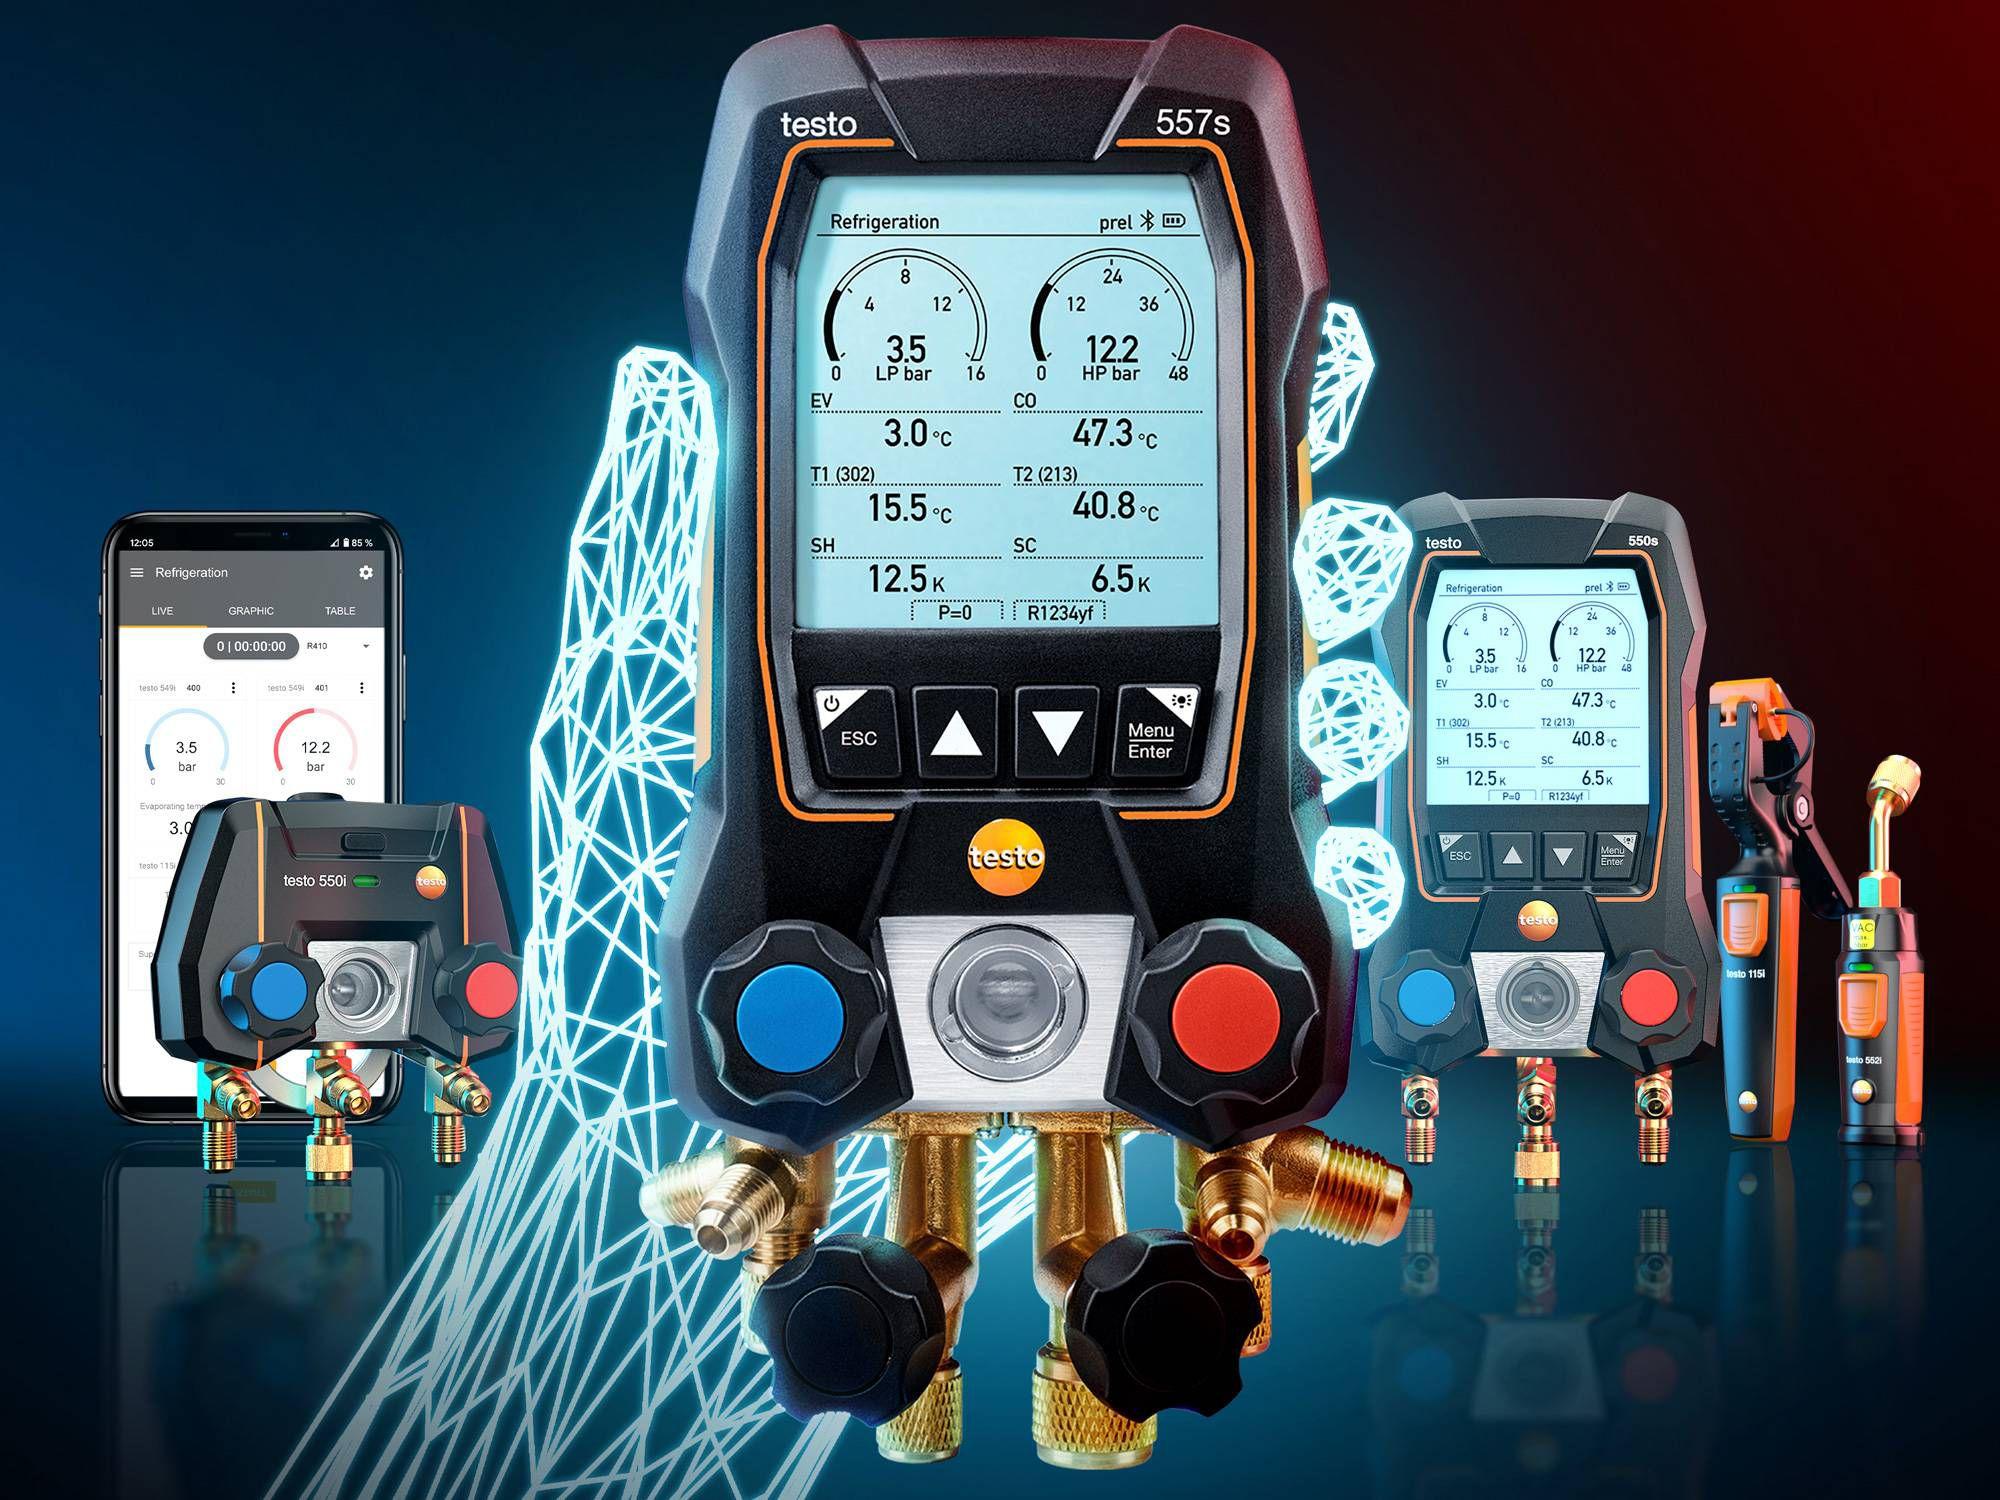 testo55x-2020-KeyVisual-ES-2000x1500.jpg